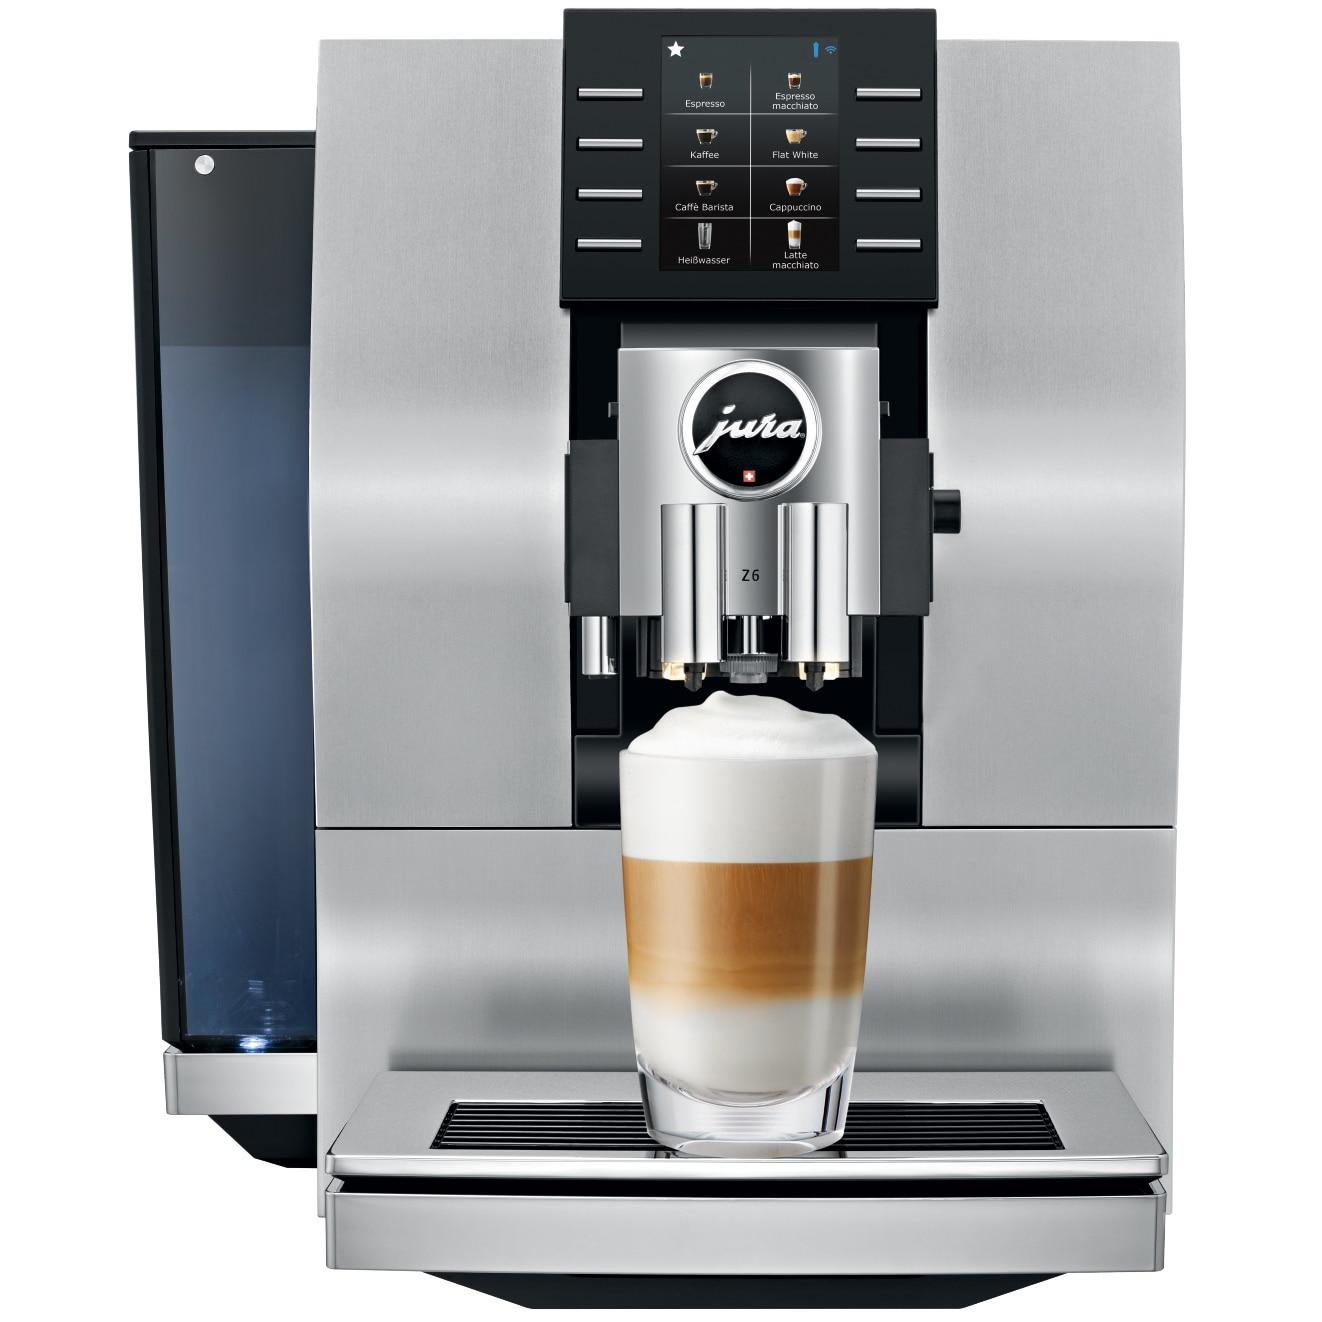 Fotografie Espressor automat Jura Z6, 15 bari, 2.4 l, 280 gr, rasnita Professional Aroma, 22 specialitati one touch, afisaj, Argintiu